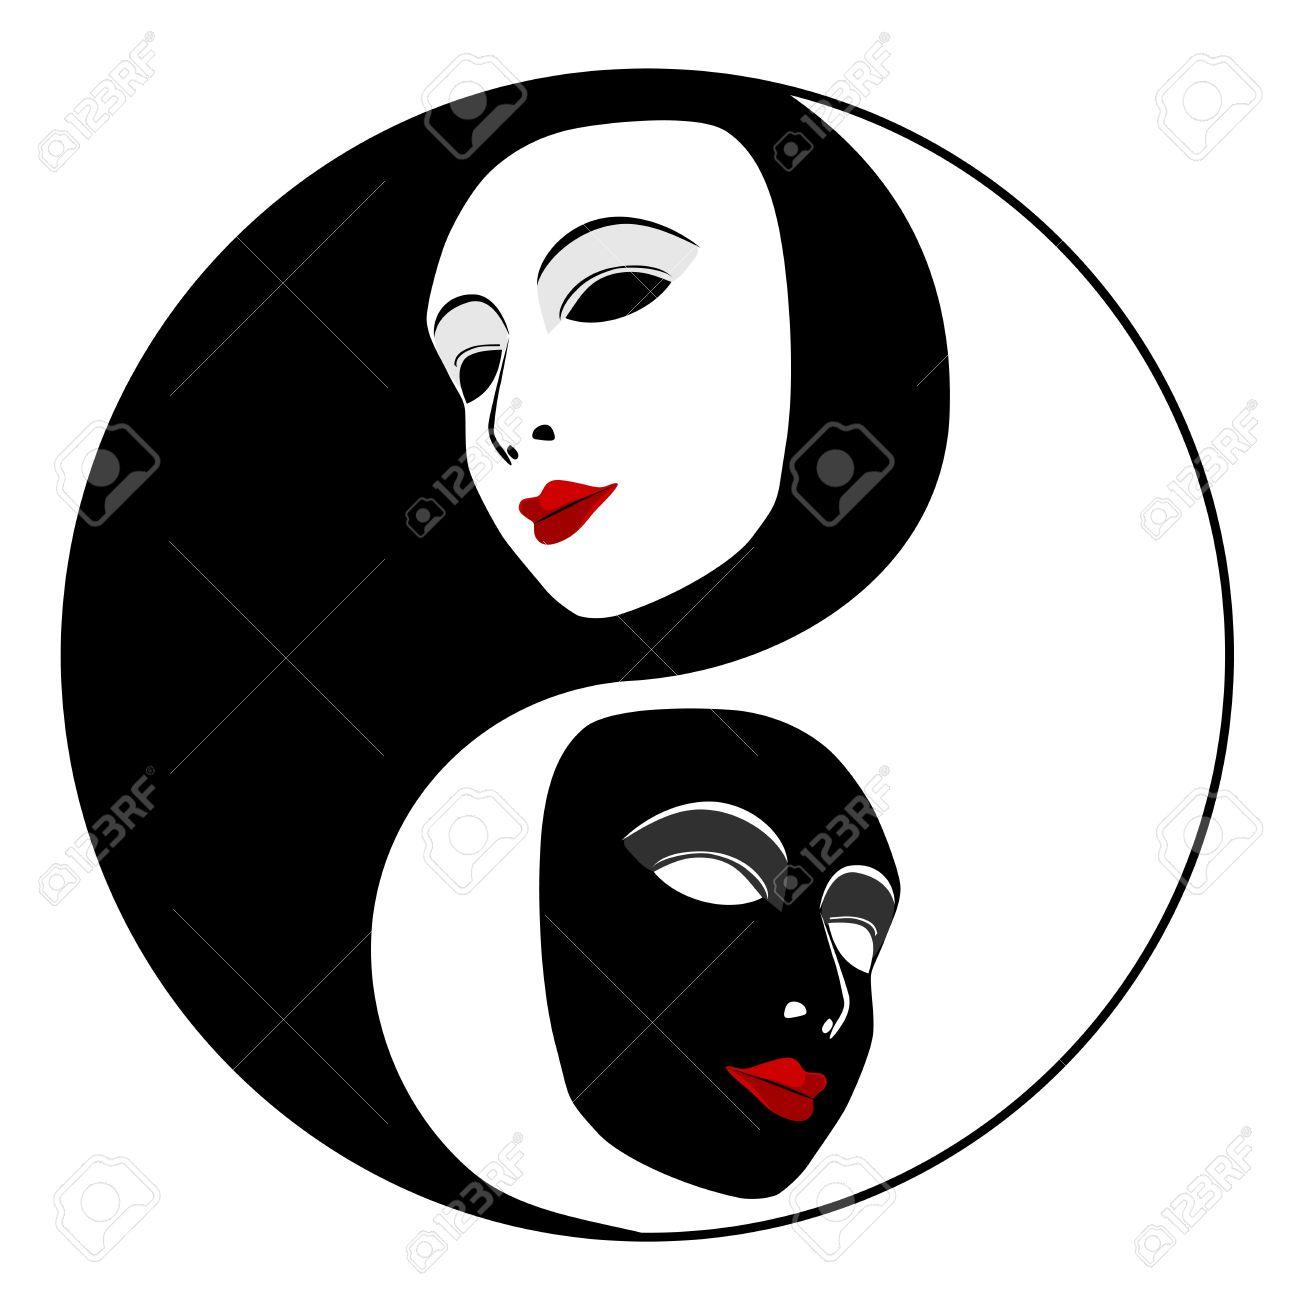 Masks  Ying yang symbol of harmony and balance Stock Vector - 17195381